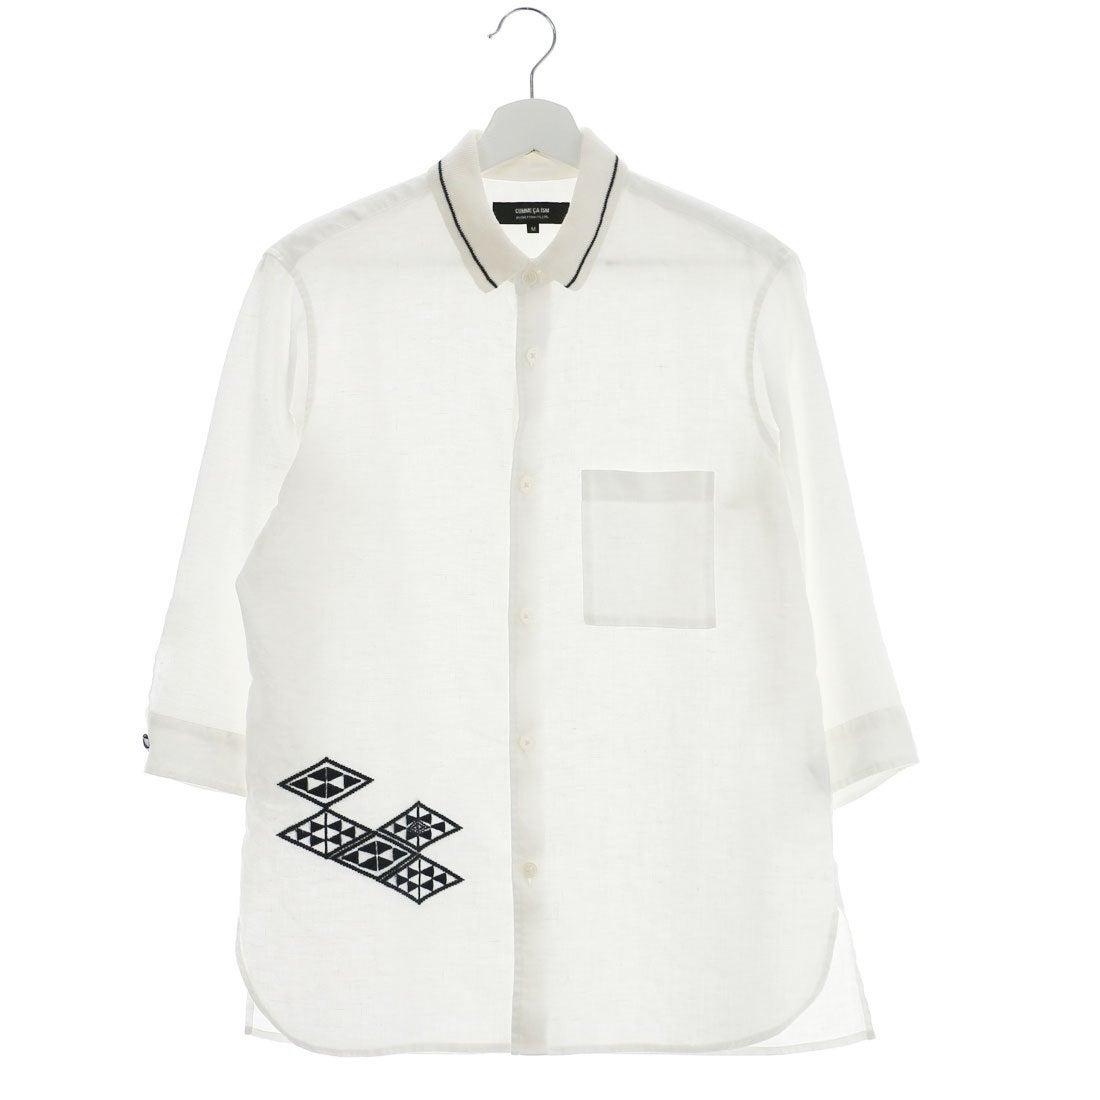 【SALE 70%OFF】コムサイズム COMME CA ISM 菱刺し刺繍フレンチリネンニット衿シャツ (ホワイト)